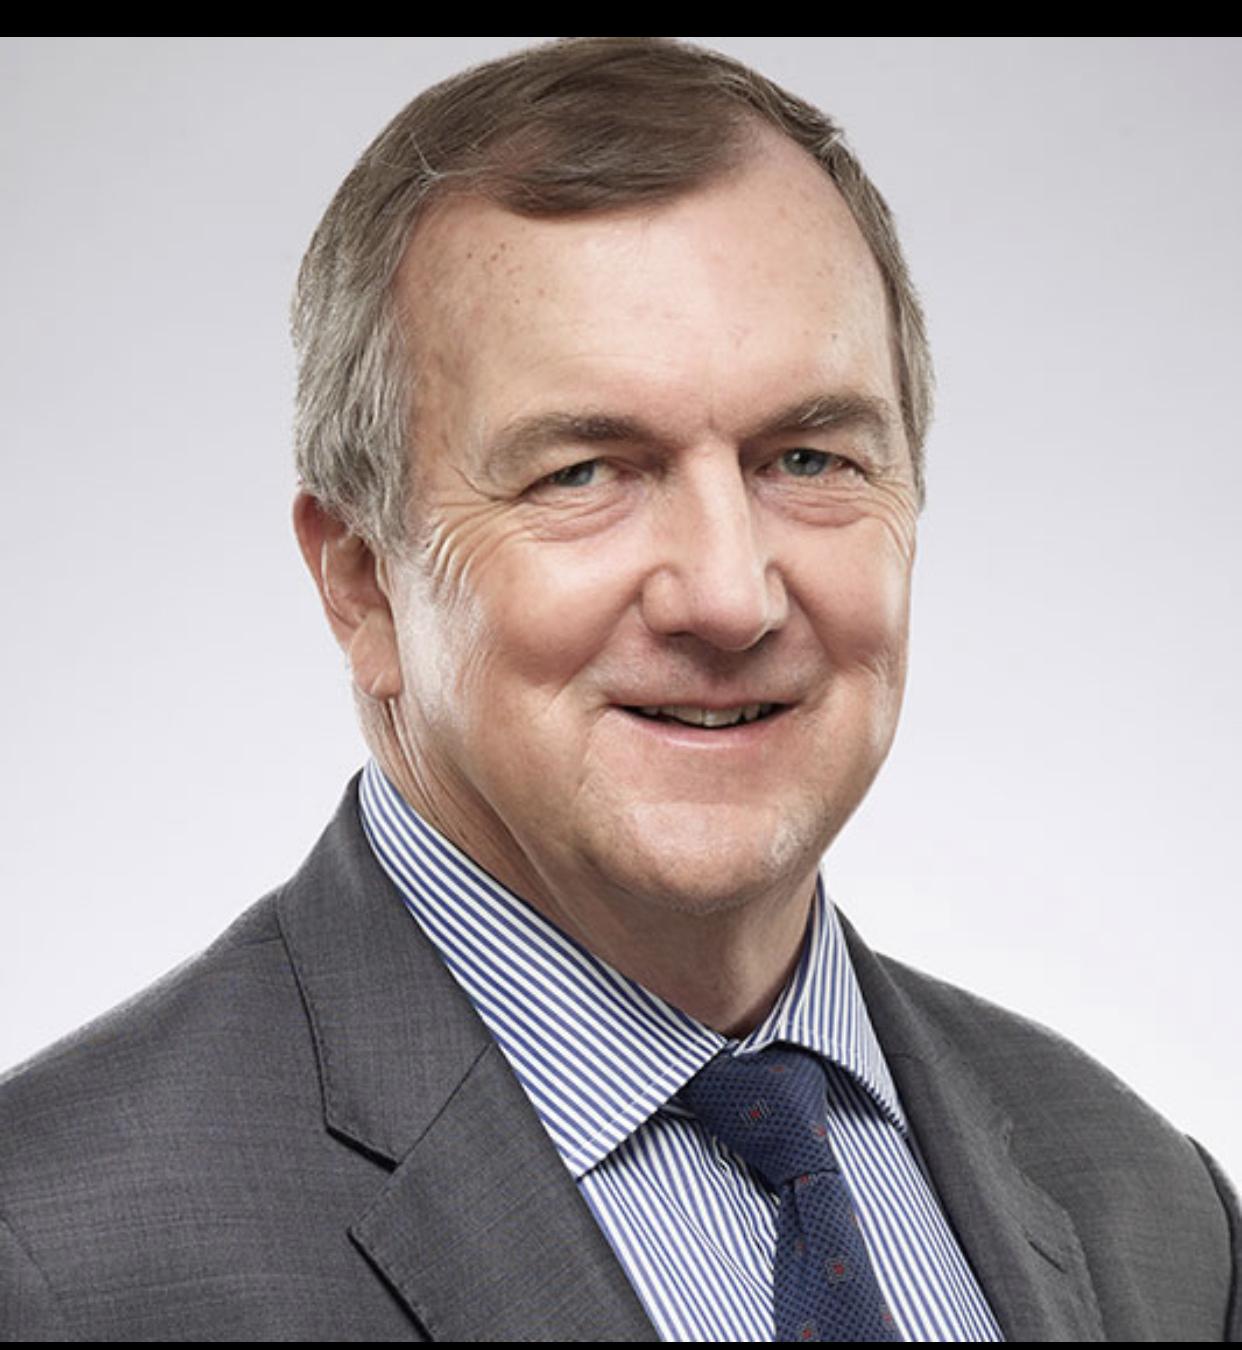 (Exclusif) Mark Bristow, Président et directeur executif de Barrick Gold Corporation : « Pourquoi nous contestons le redressement fiscal dont nous faisons l'objet de la part de la DGID »